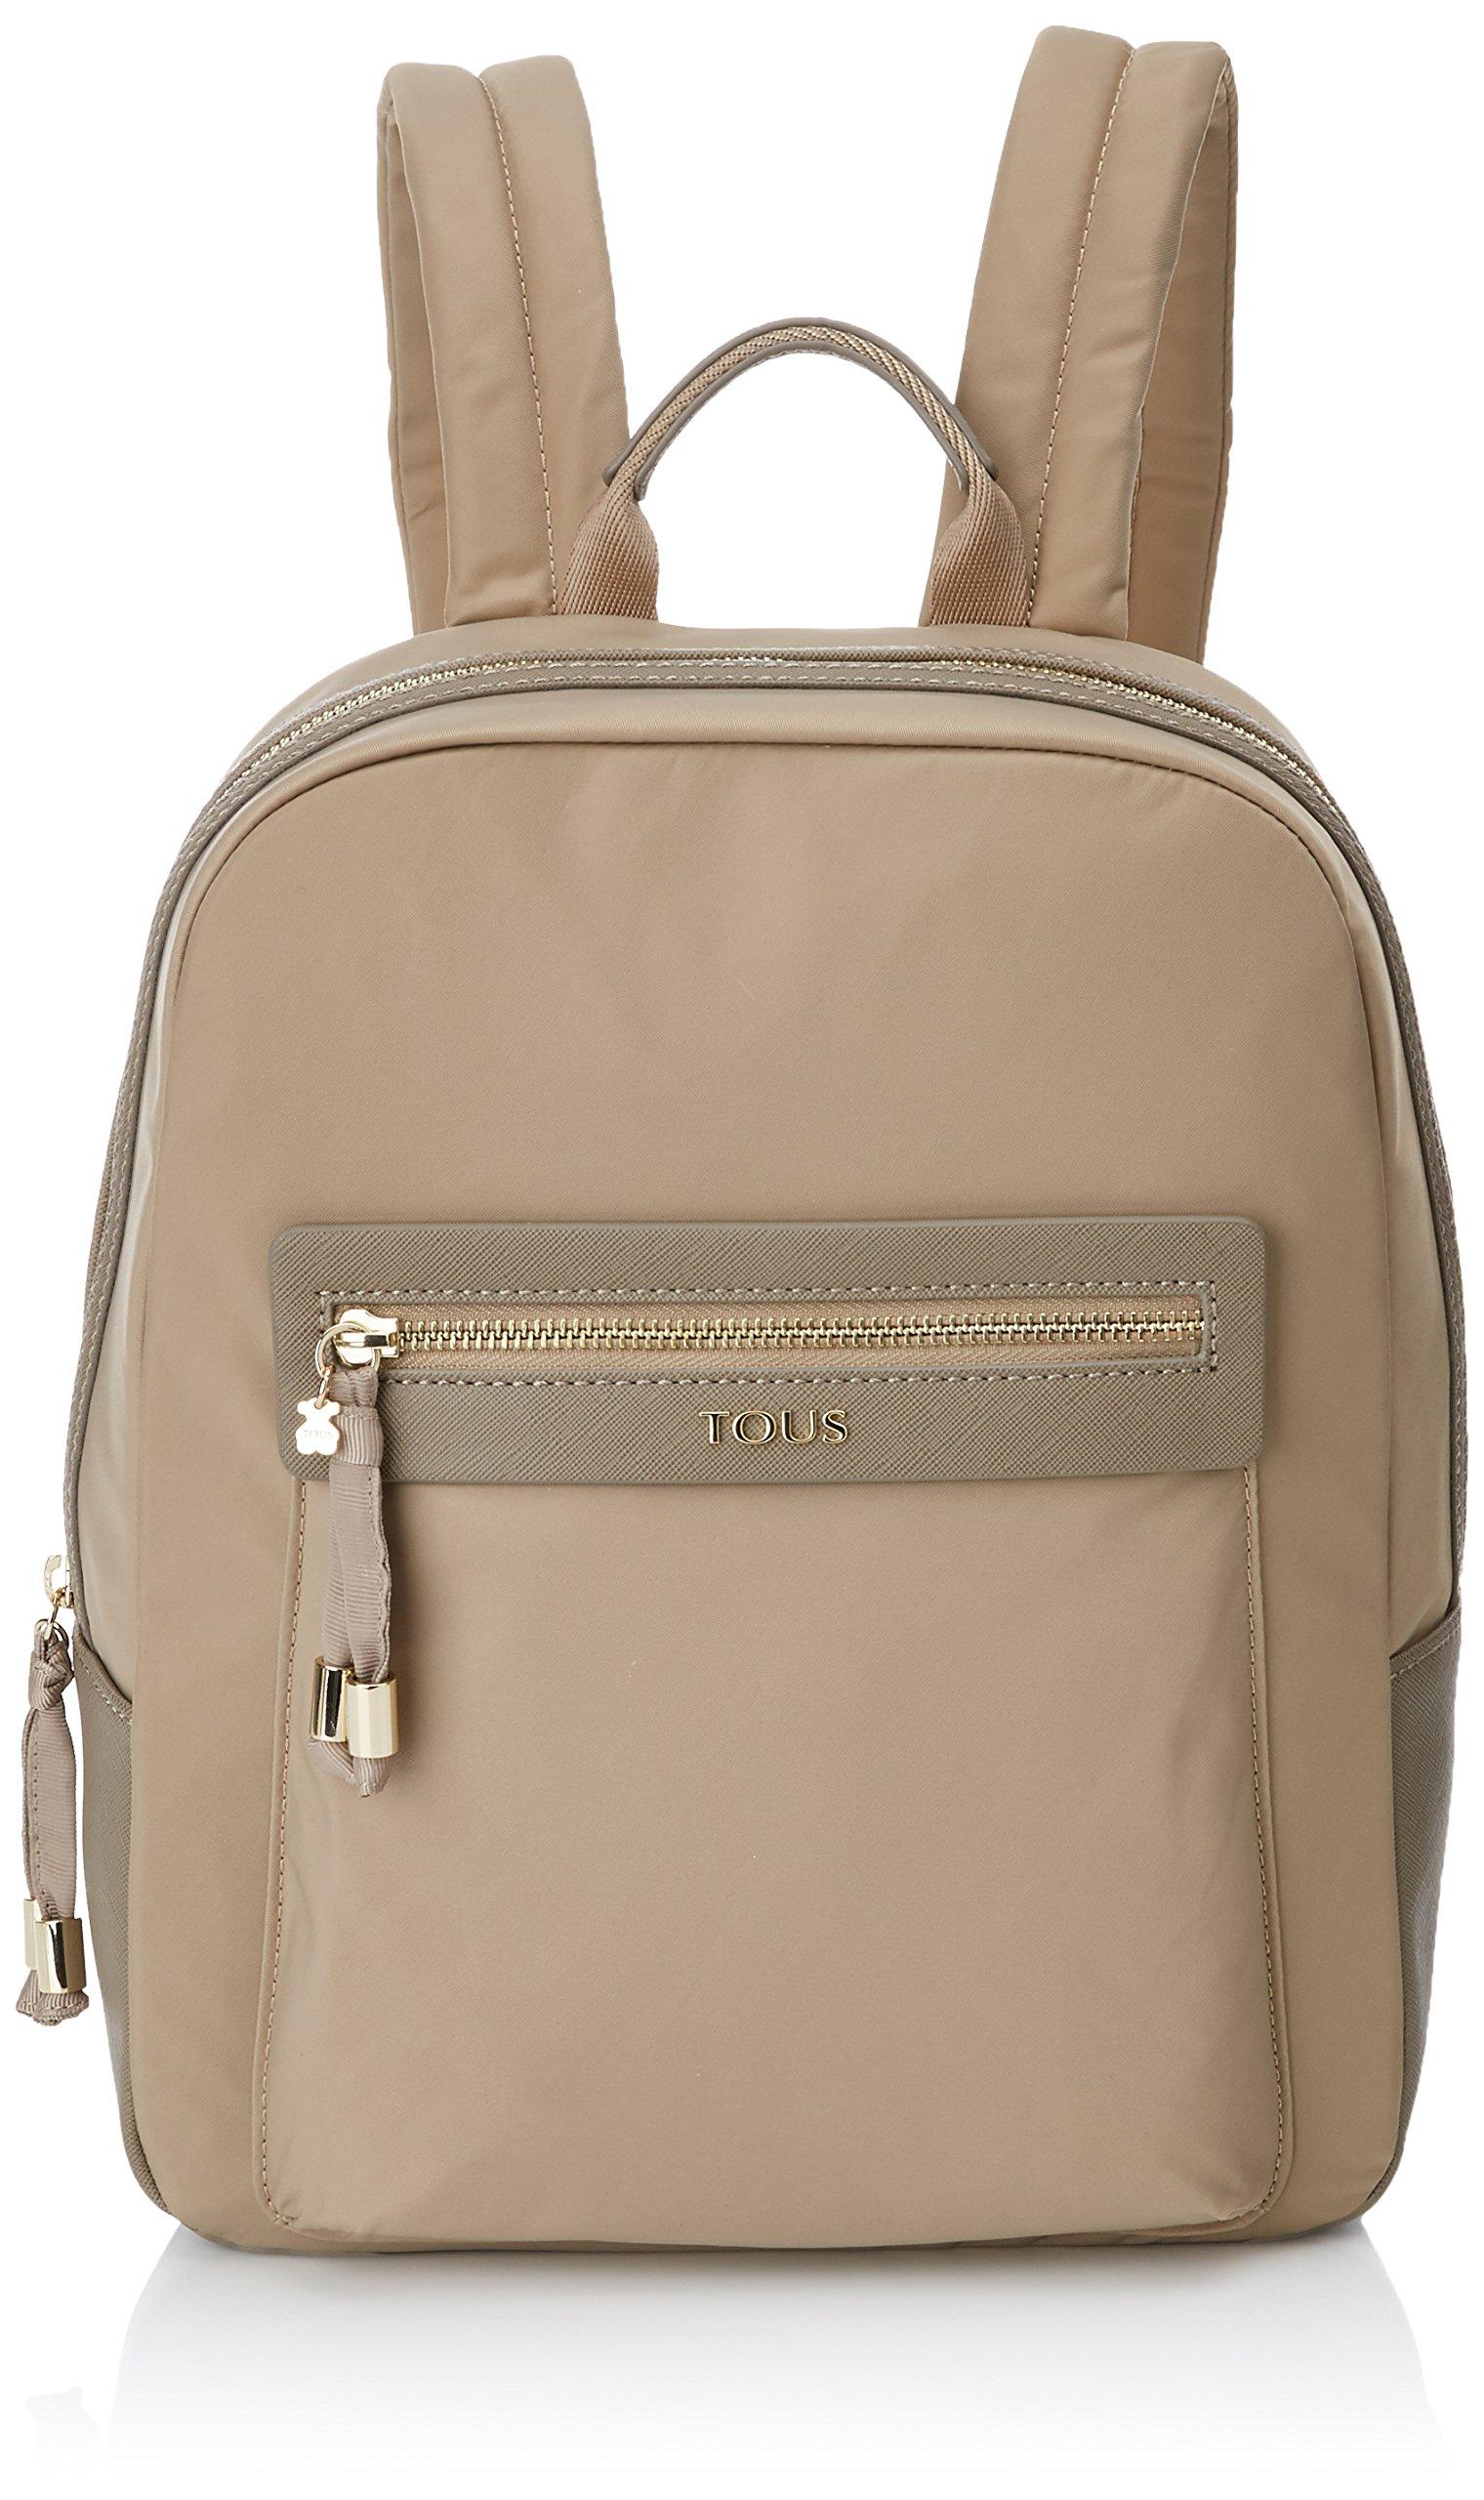 81ZYjpFMDIL - Tous 695810088, Bolso mochila para Mujer, Beige (Topo), 26x33x9.5 cm (W x H x L)